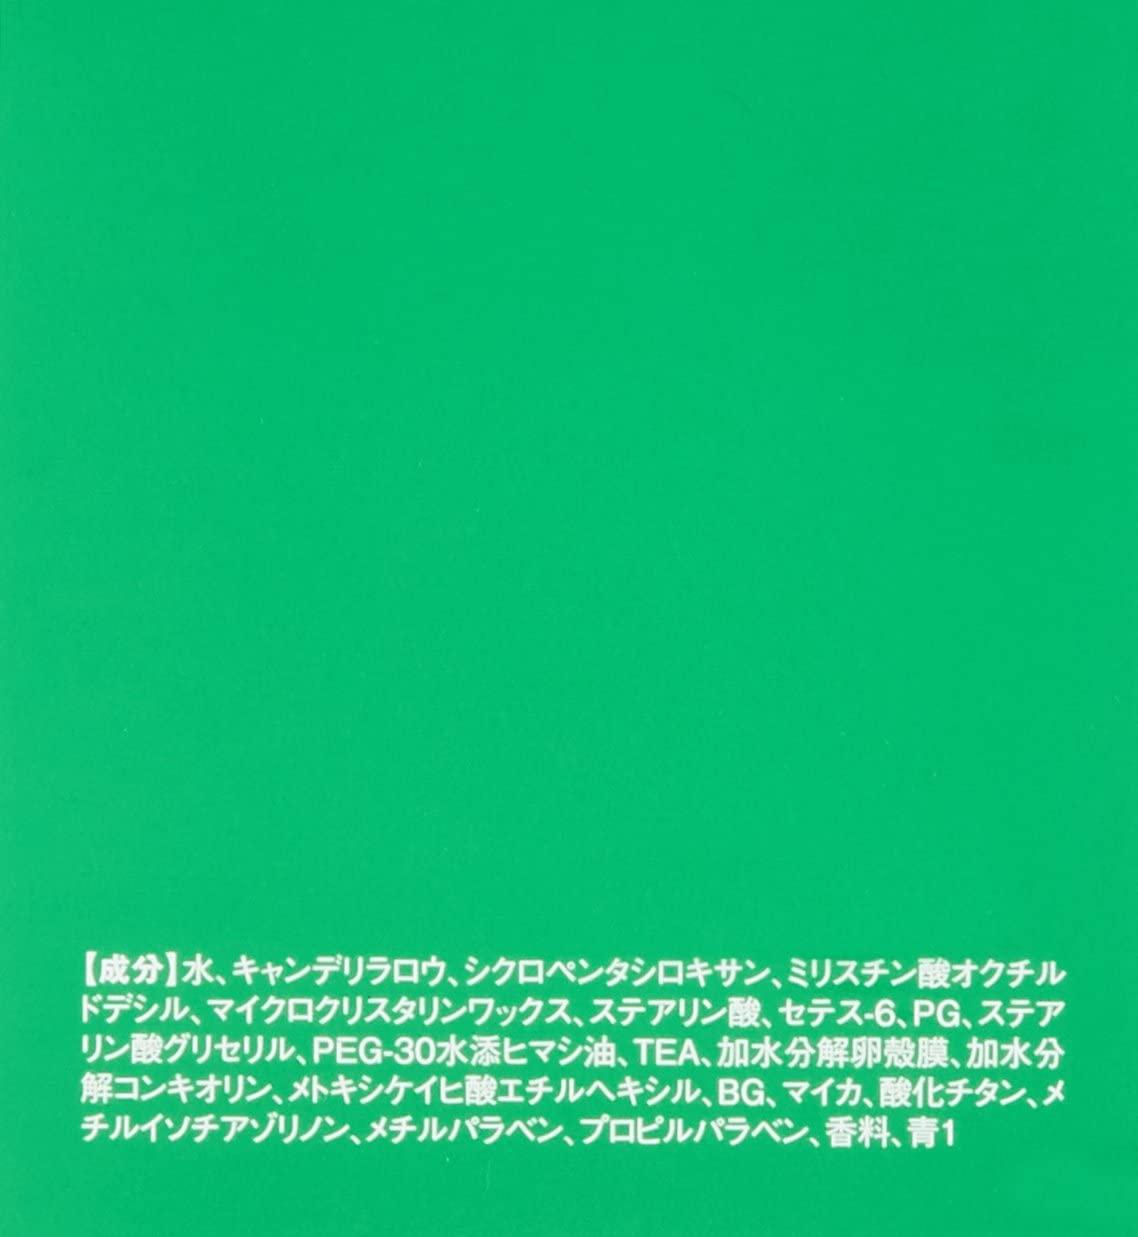 uevo design cube(ウェーボ デザインキューブ)ホールドワックスの商品画像7